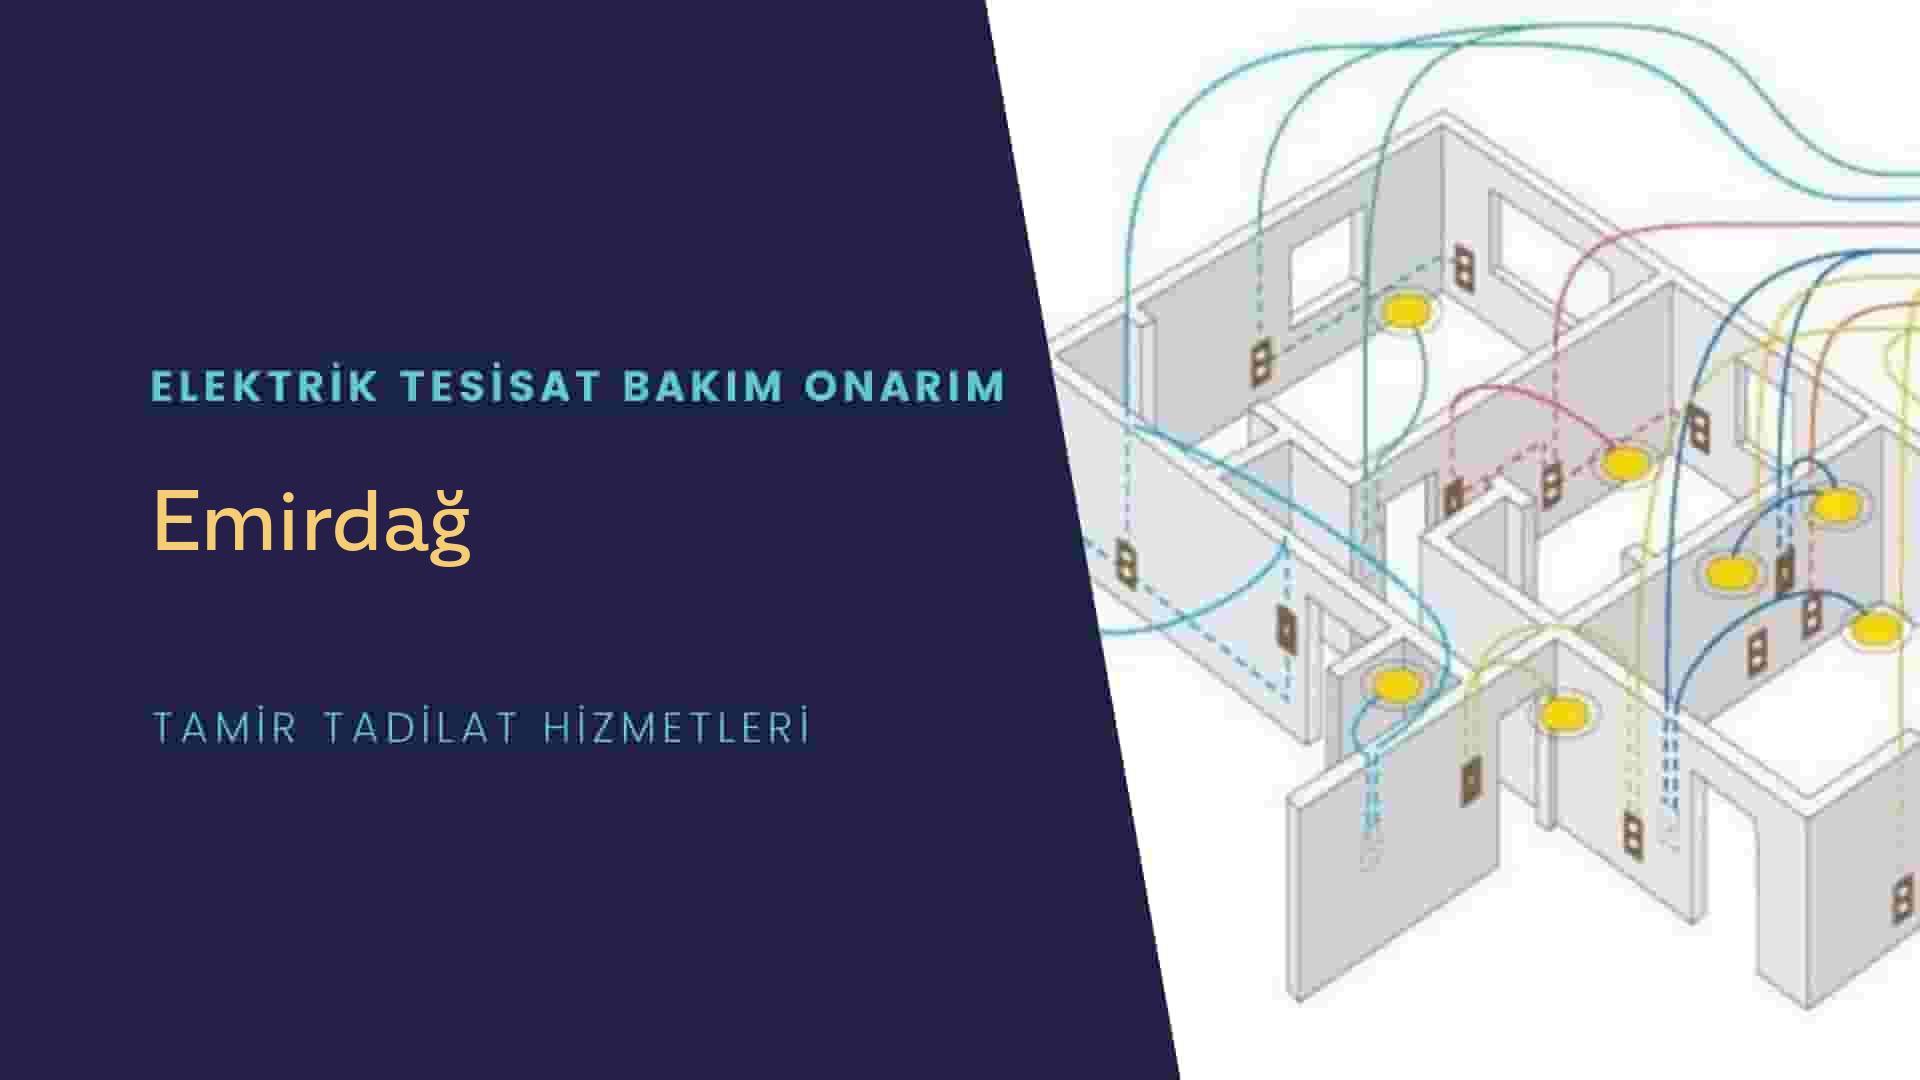 Emirdağ'da elektrik tesisatıustalarımı arıyorsunuz doğru adrestenizi Emirdağ elektrik tesisatı ustalarımız 7/24 sizlere hizmet vermekten mutluluk duyar.